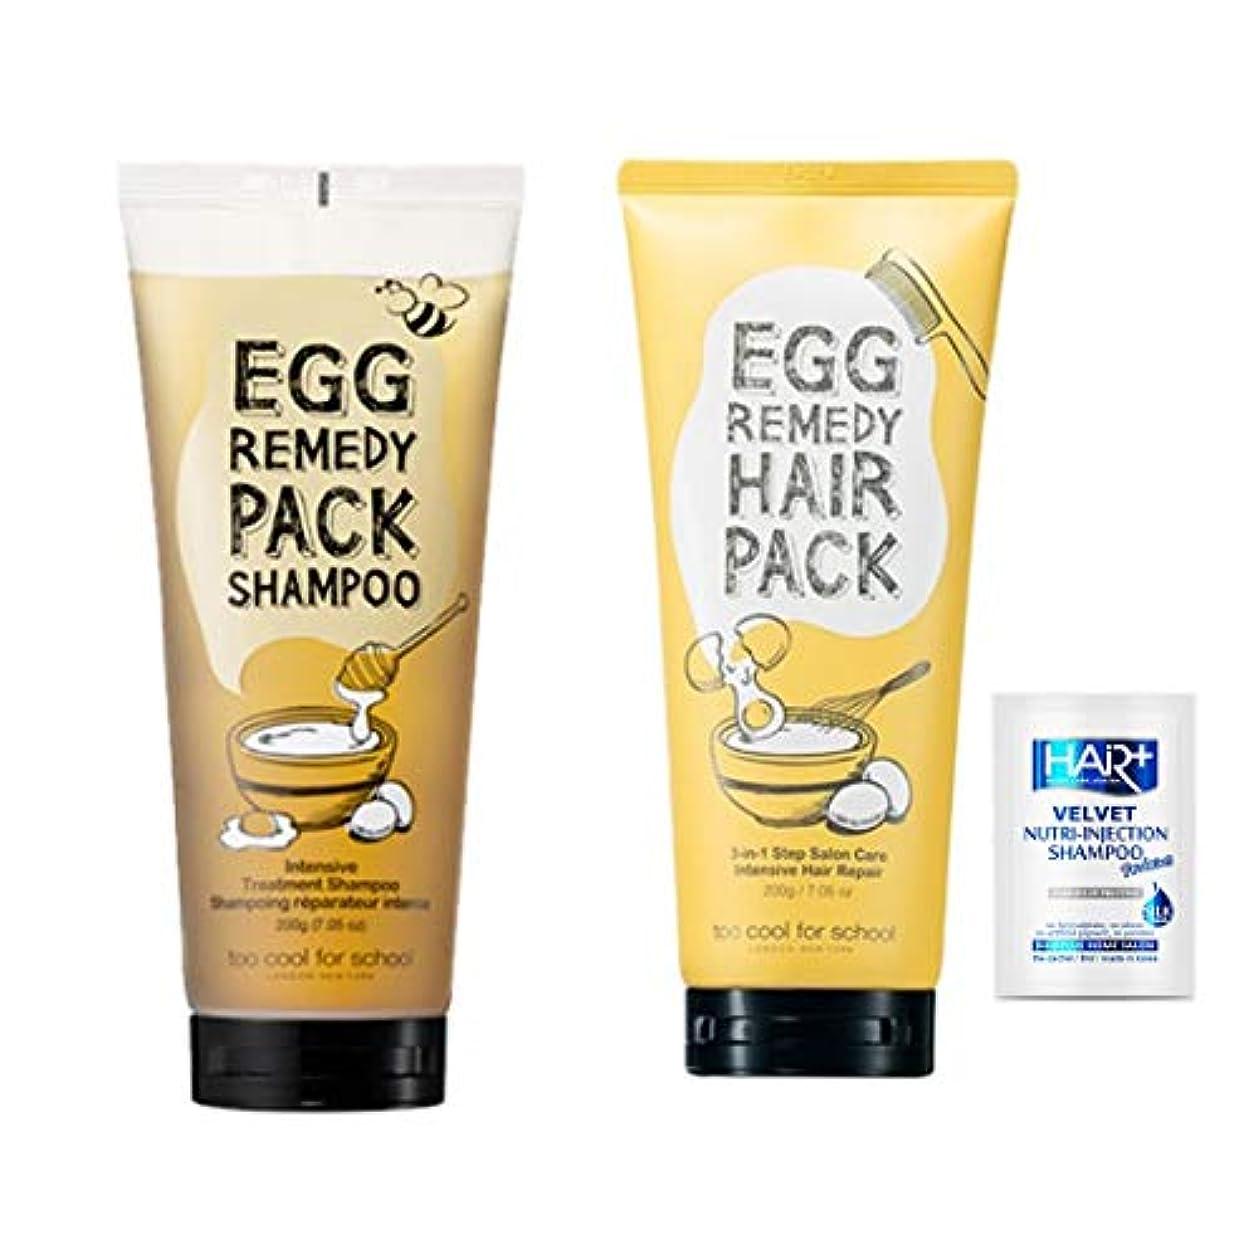 放棄された推定労働トゥークールフォ―スクール(too cool for school)/エッグレミディパックシャンプーtoo cool for school Egg Remedy Pack Shampoo 200ml + エッグレミディヘアパック...